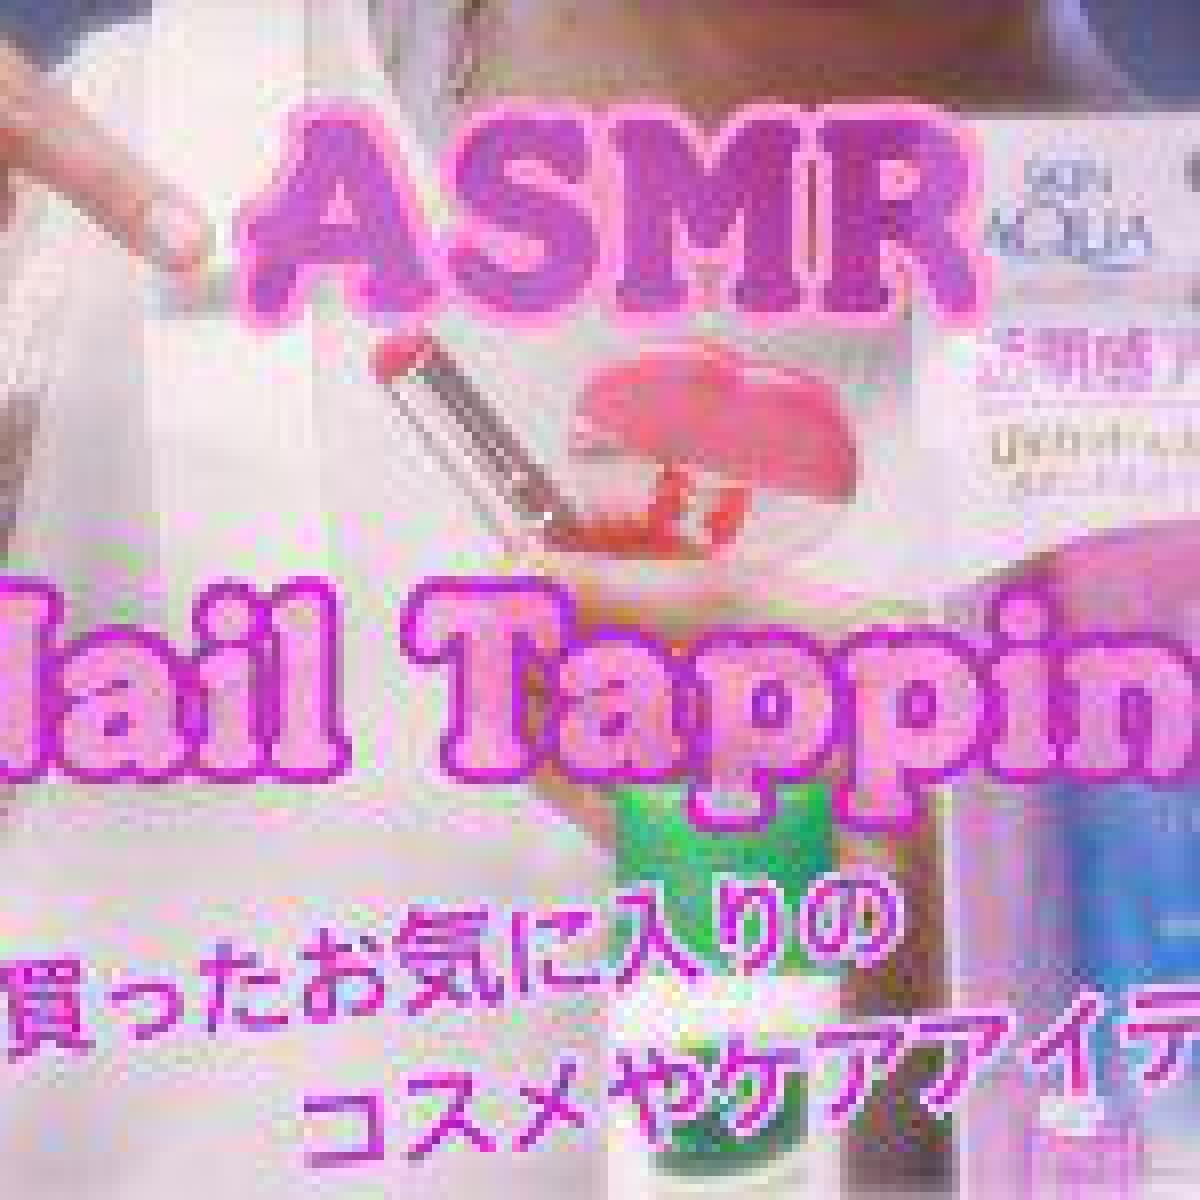 【ASMR】*囁き*ネイルタッピング〜最近買ったお気に入りのコスメやケアアイテム〜 NailTapping Cosmetics Whispering 癒し音